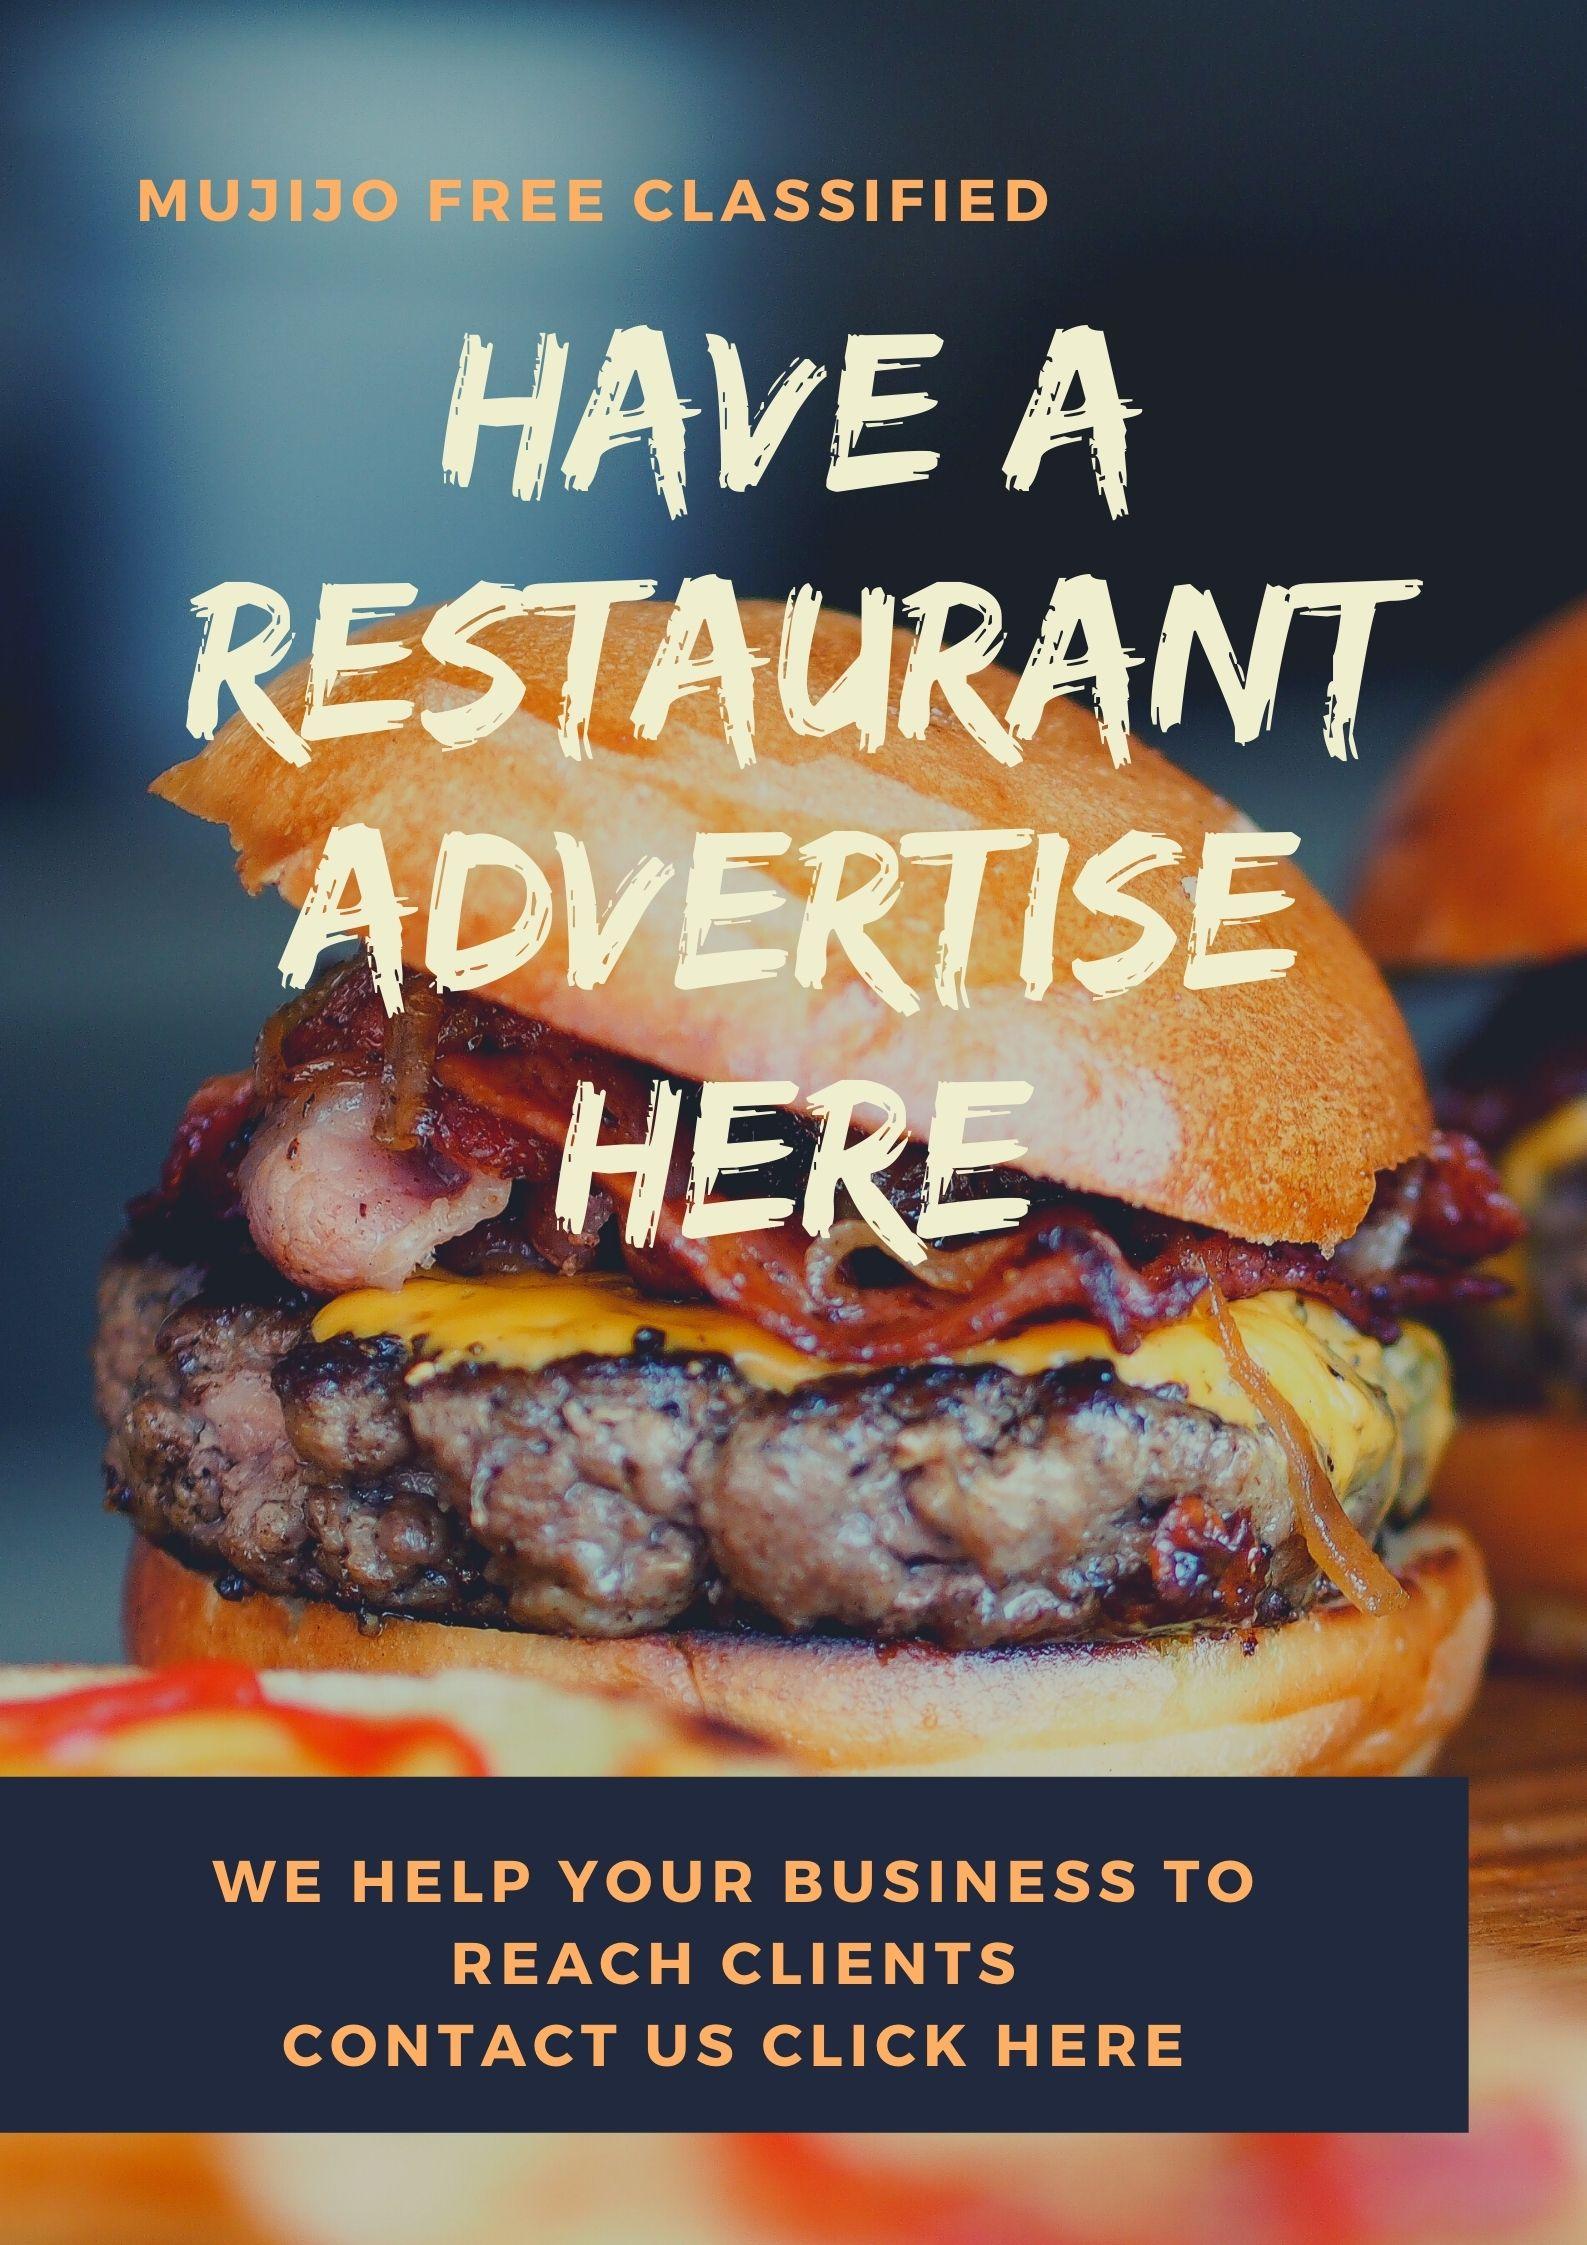 Restaurant advertisement